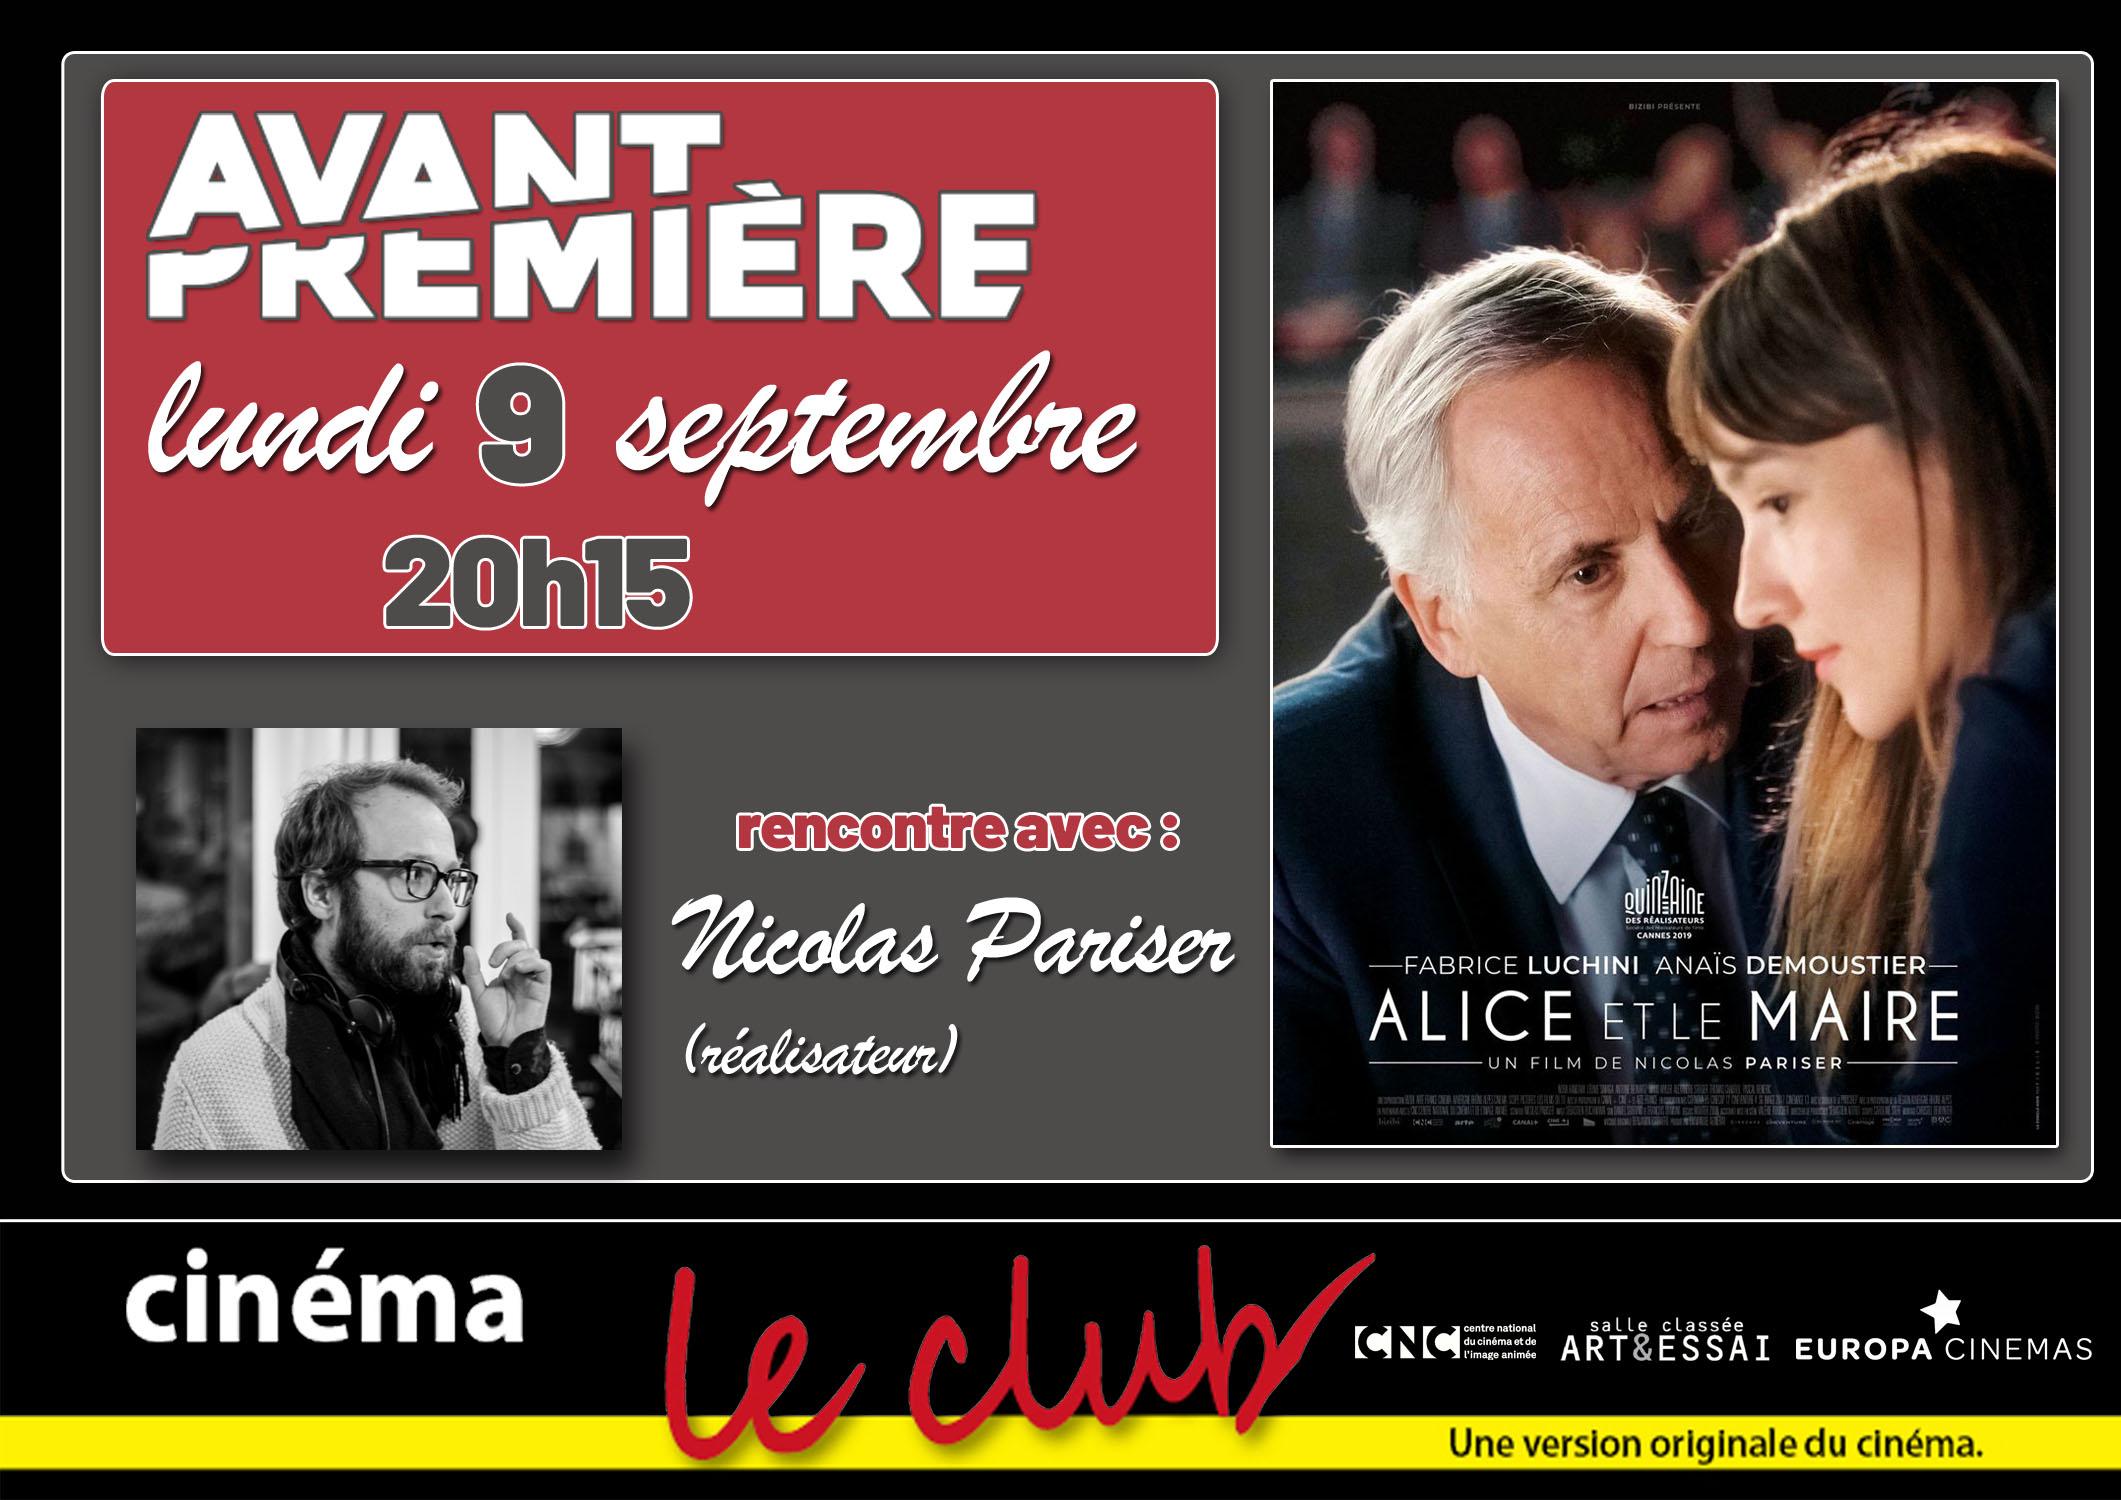 Art et Essai > Cinéma - LE CLUB